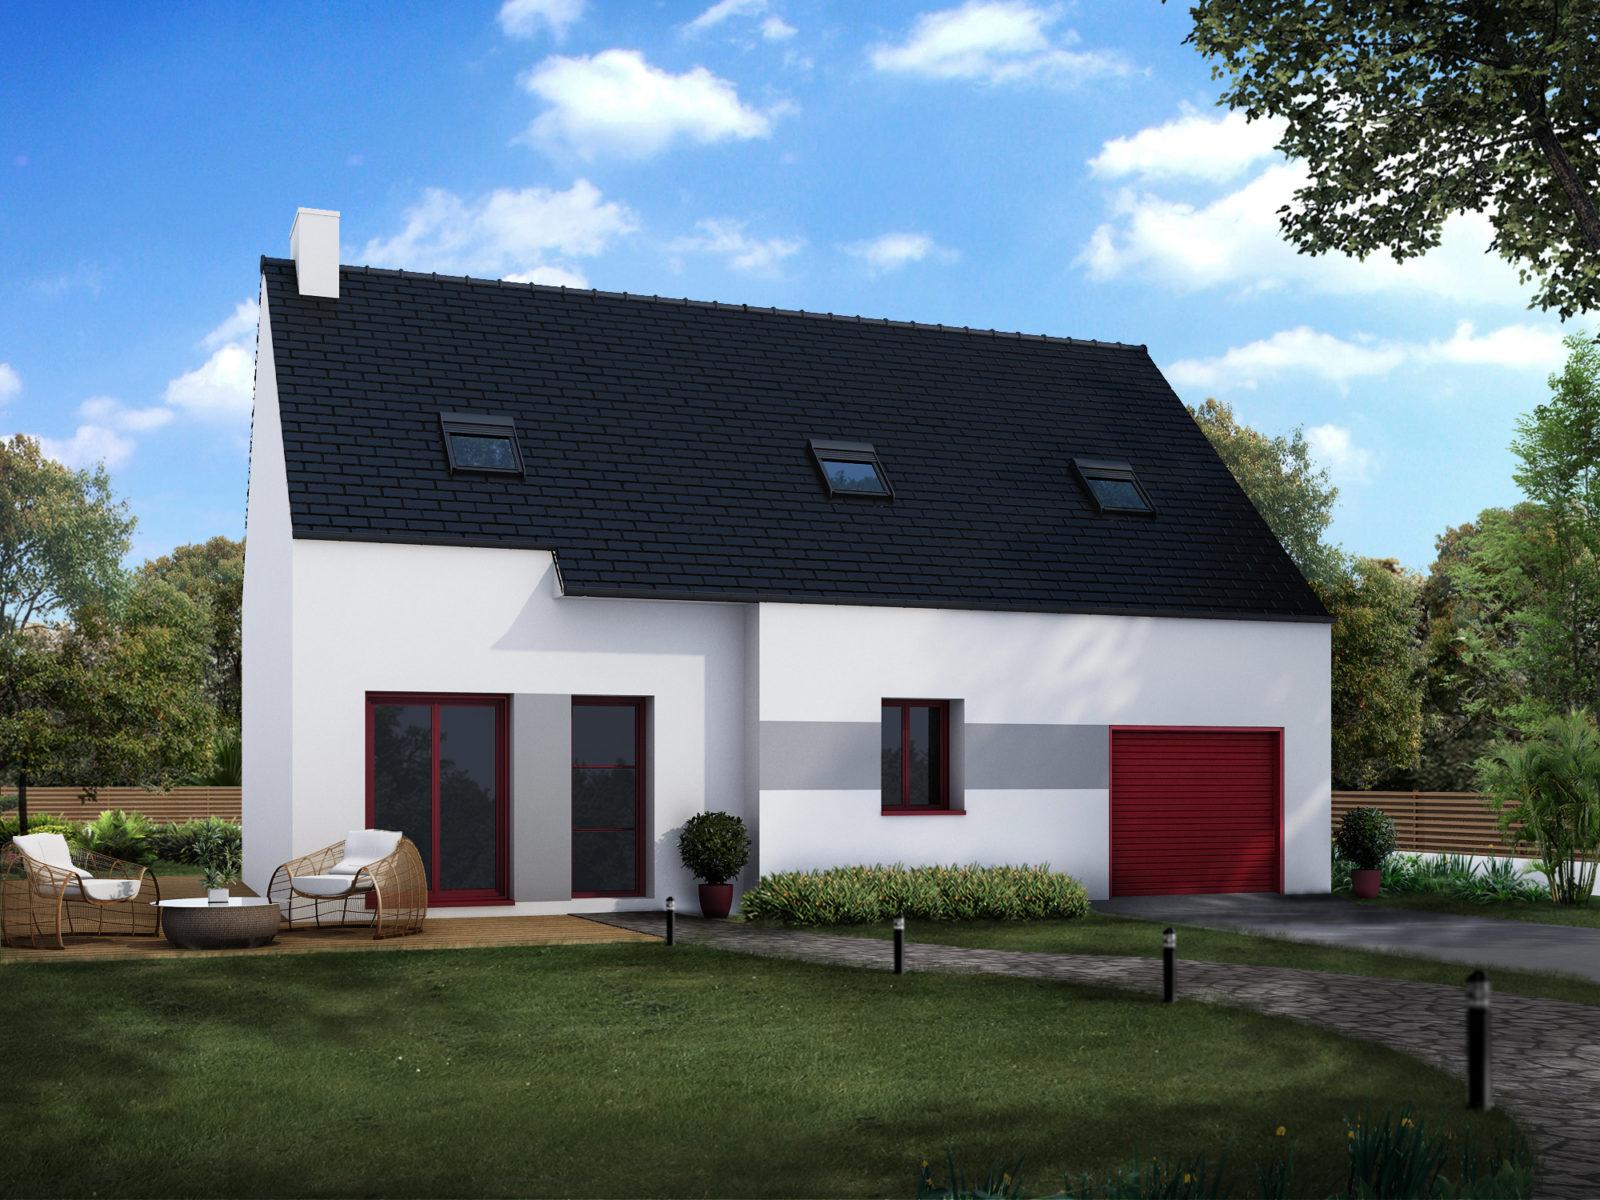 Axce 39 s 15v2 axce 39 s habitat constructeur de maison en for Constructeur maison bretagne